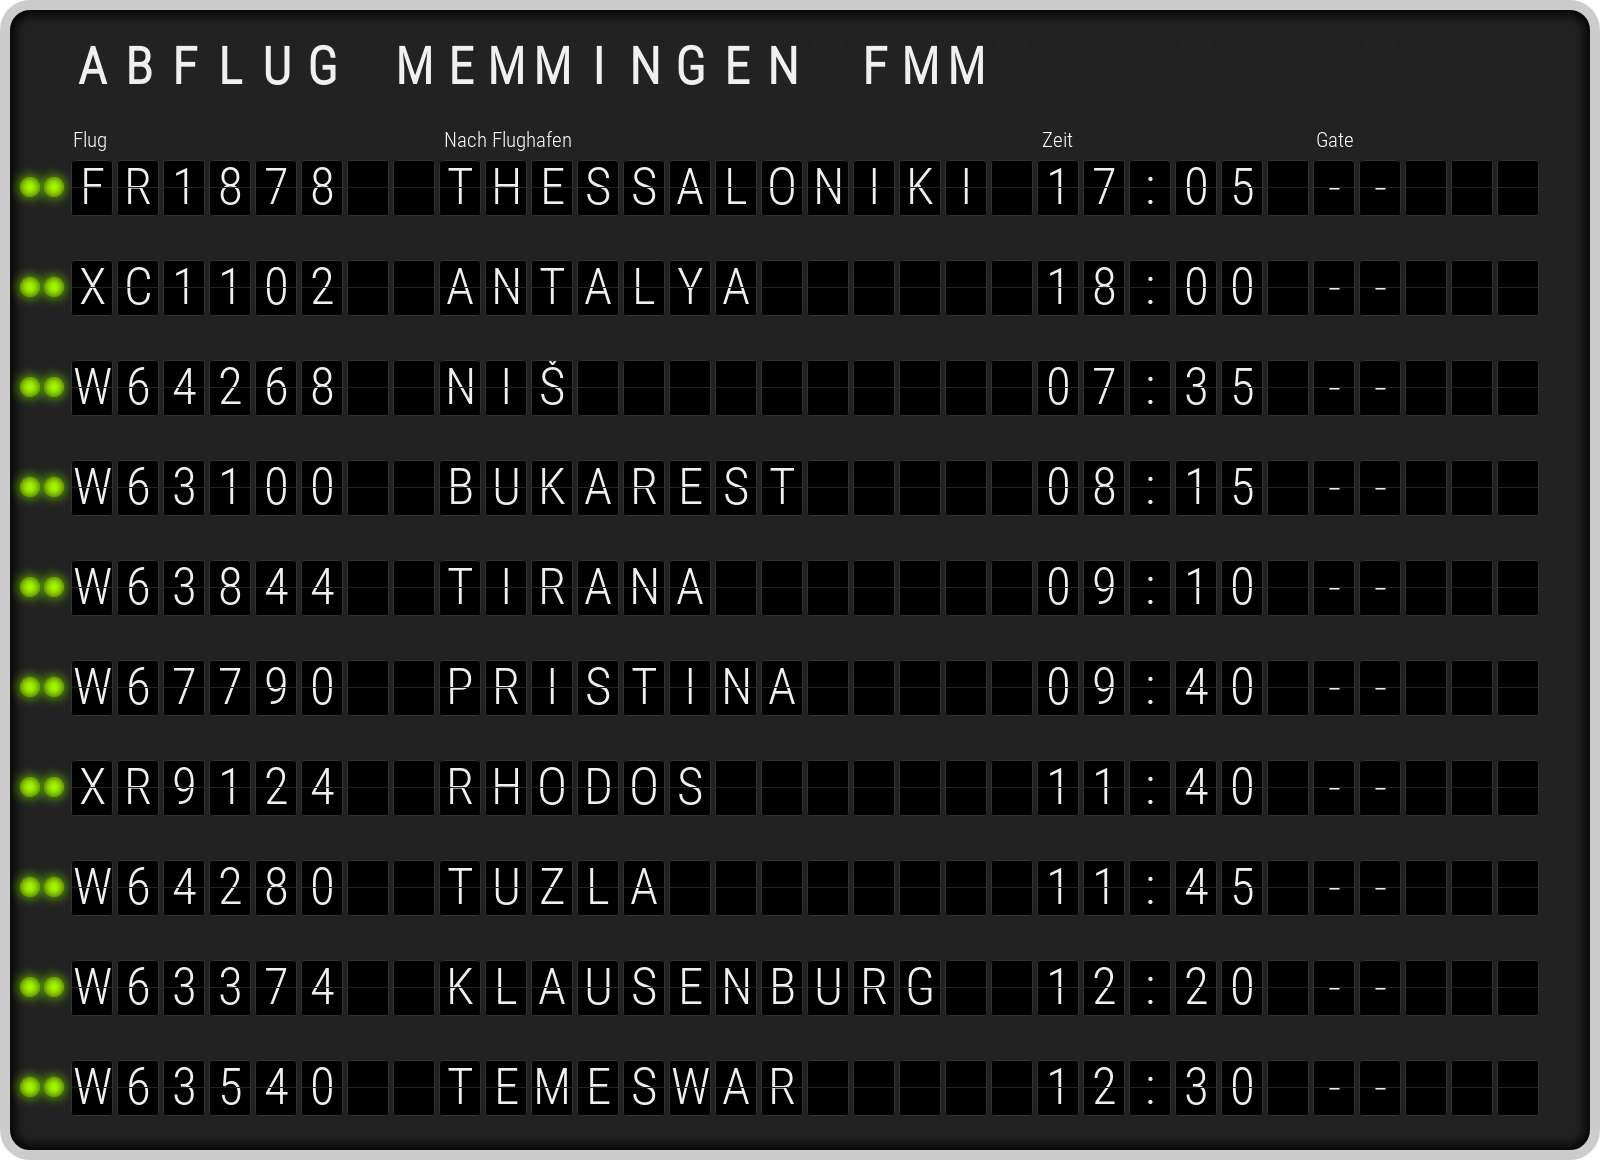 Memmingen Abflug FMM. Aktuelle Abflugzeiten am Flughafen Memmingen